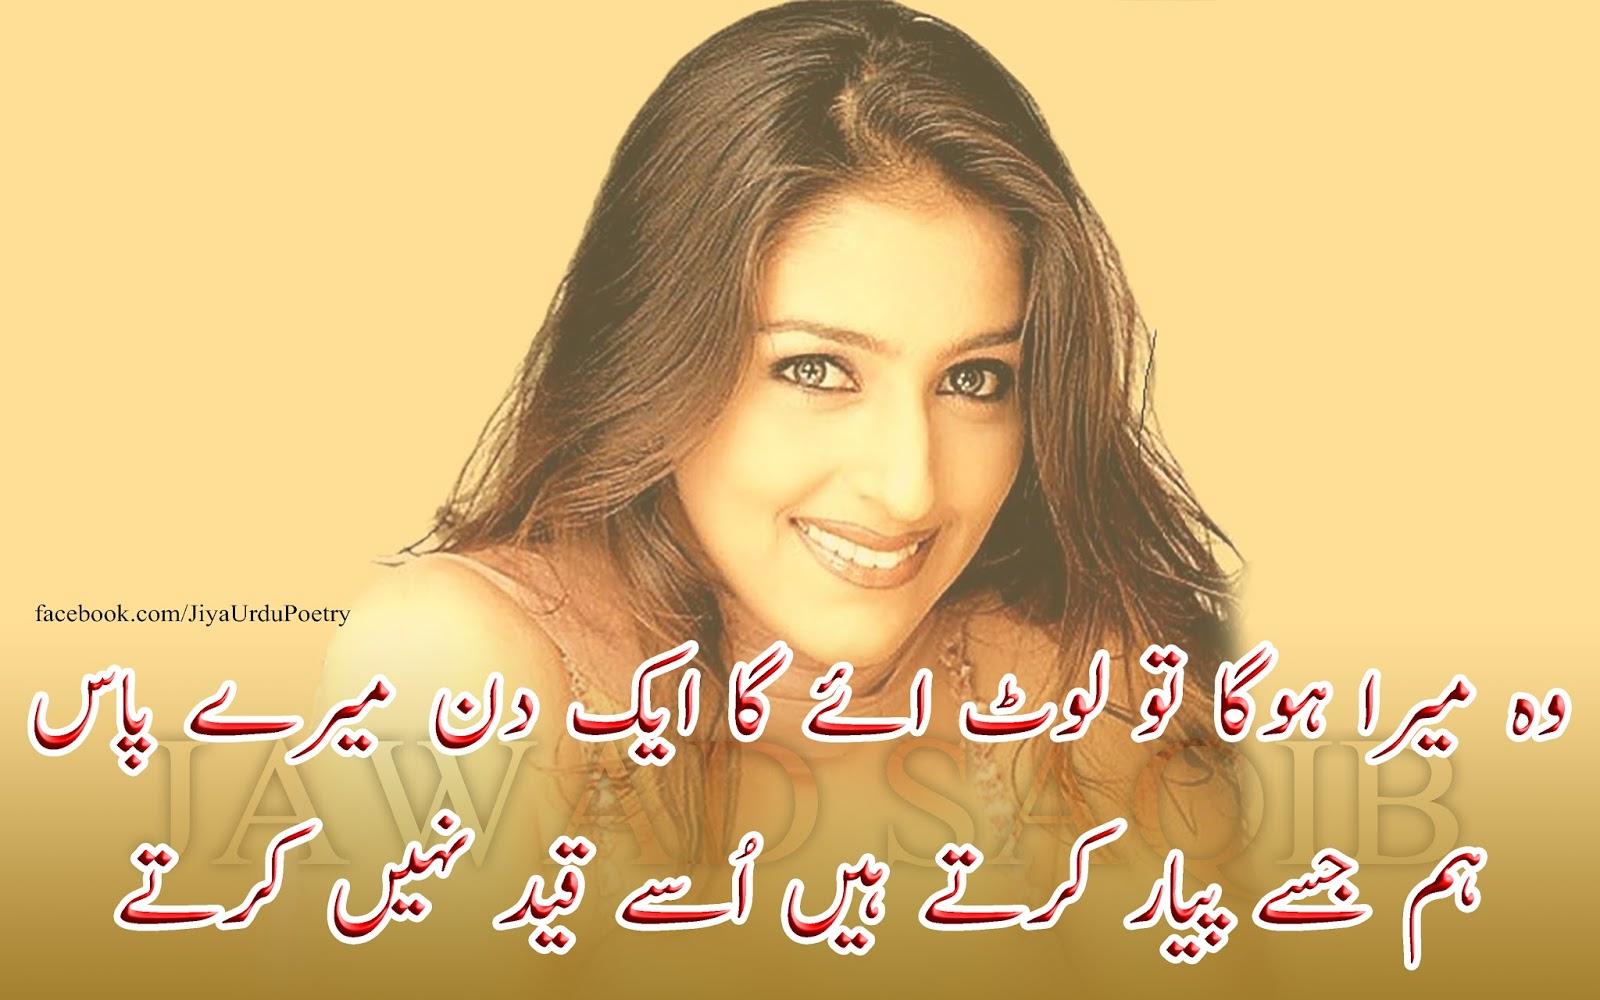 shayari poetry